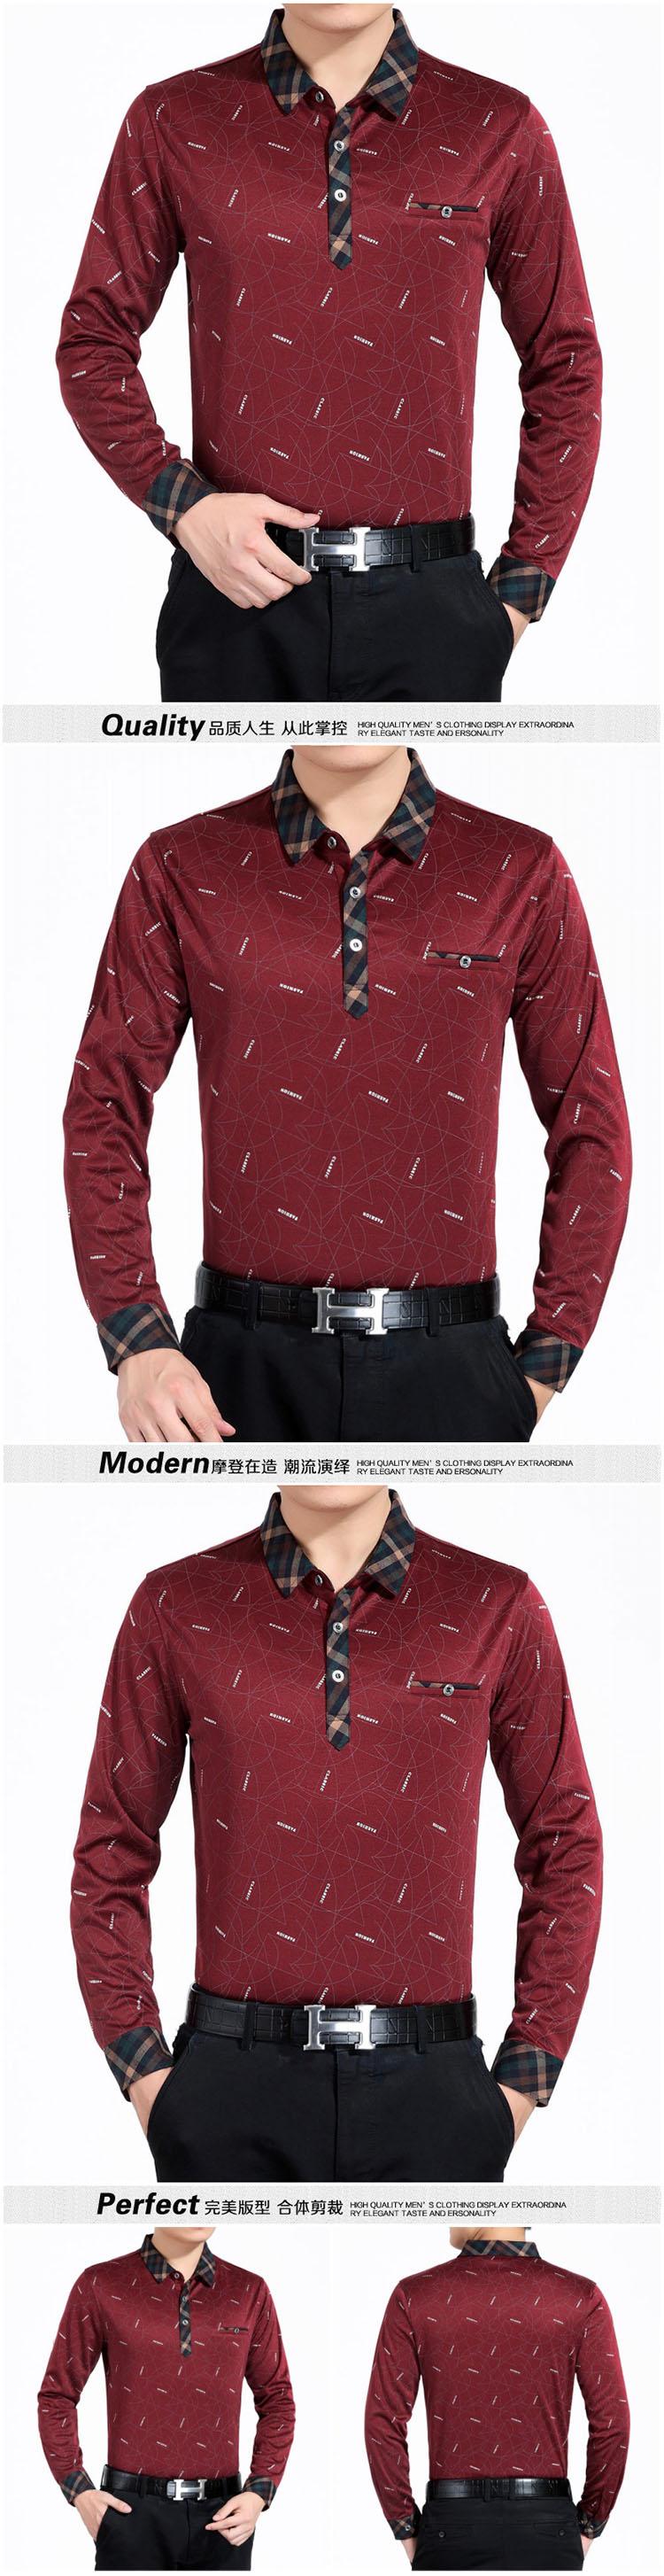 Trung niên và cũ băng lụa mỏng dài tay T-Shirt nam mùa hè lỏng đáy áo sơ mi trung niên bông ve áo áo sơ mi daddy áo thun trơn nam